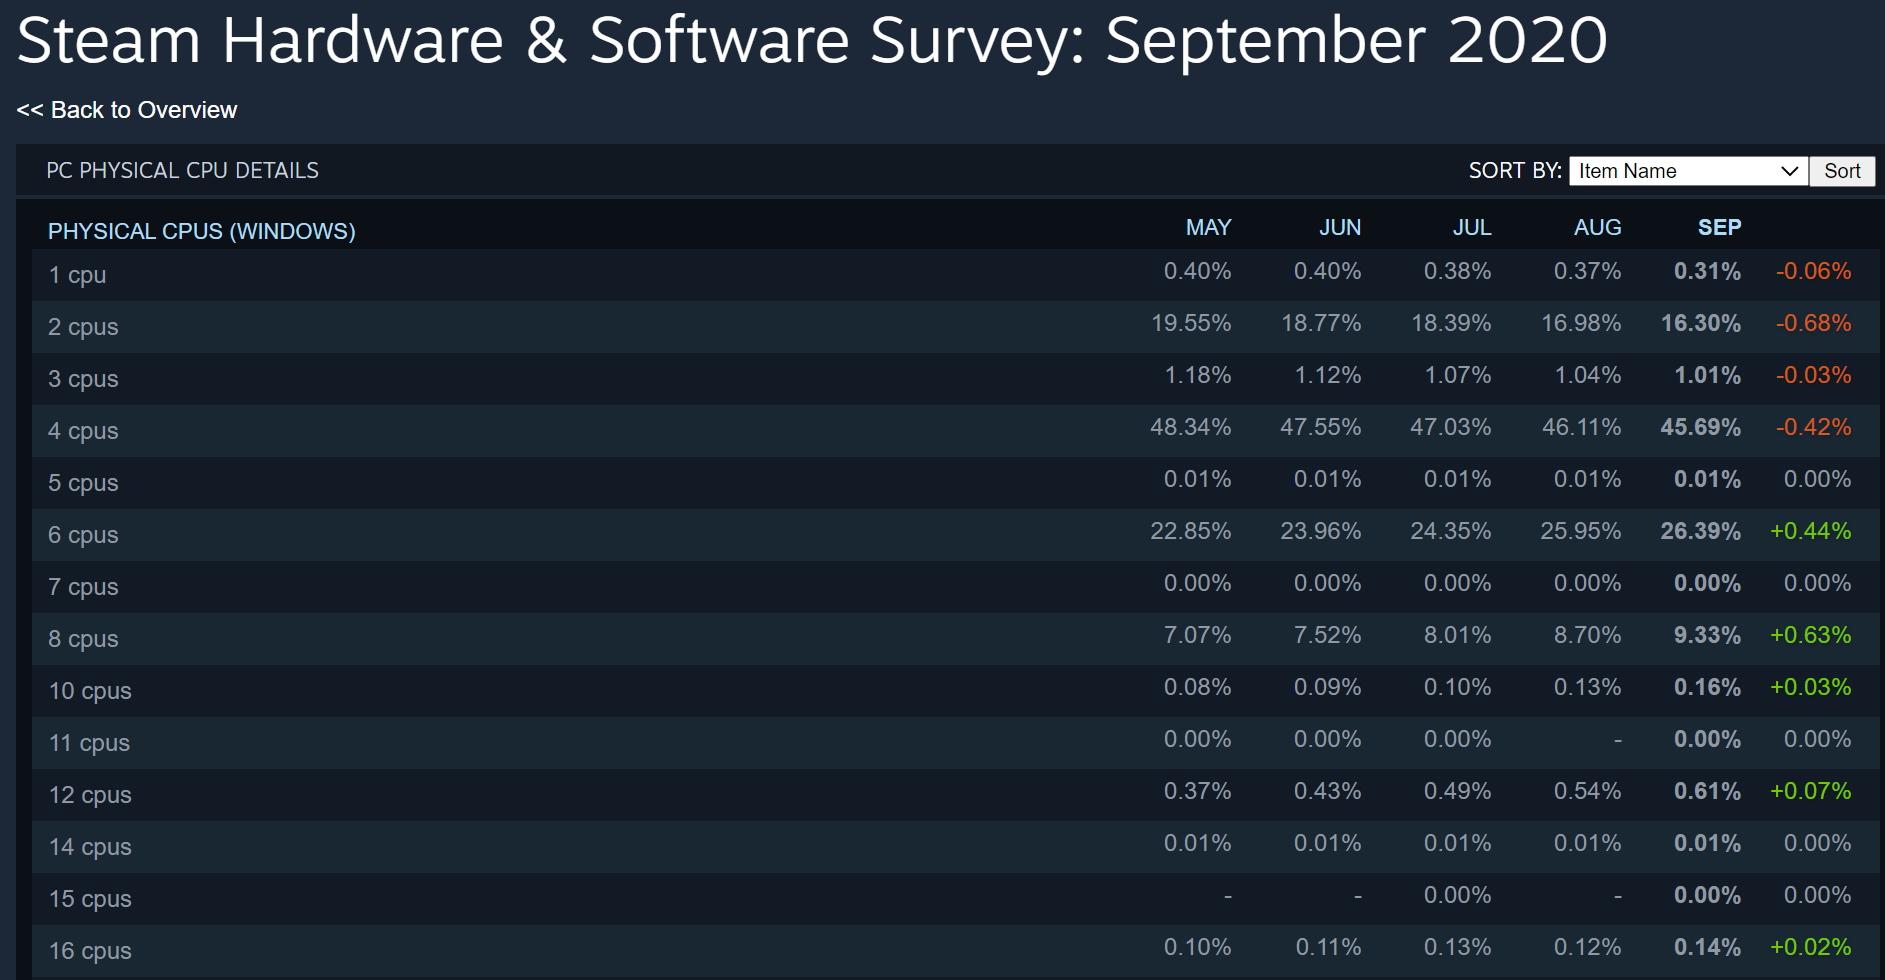 Статистика Steam: Популярность 4-ядерных CPU продолжает падать